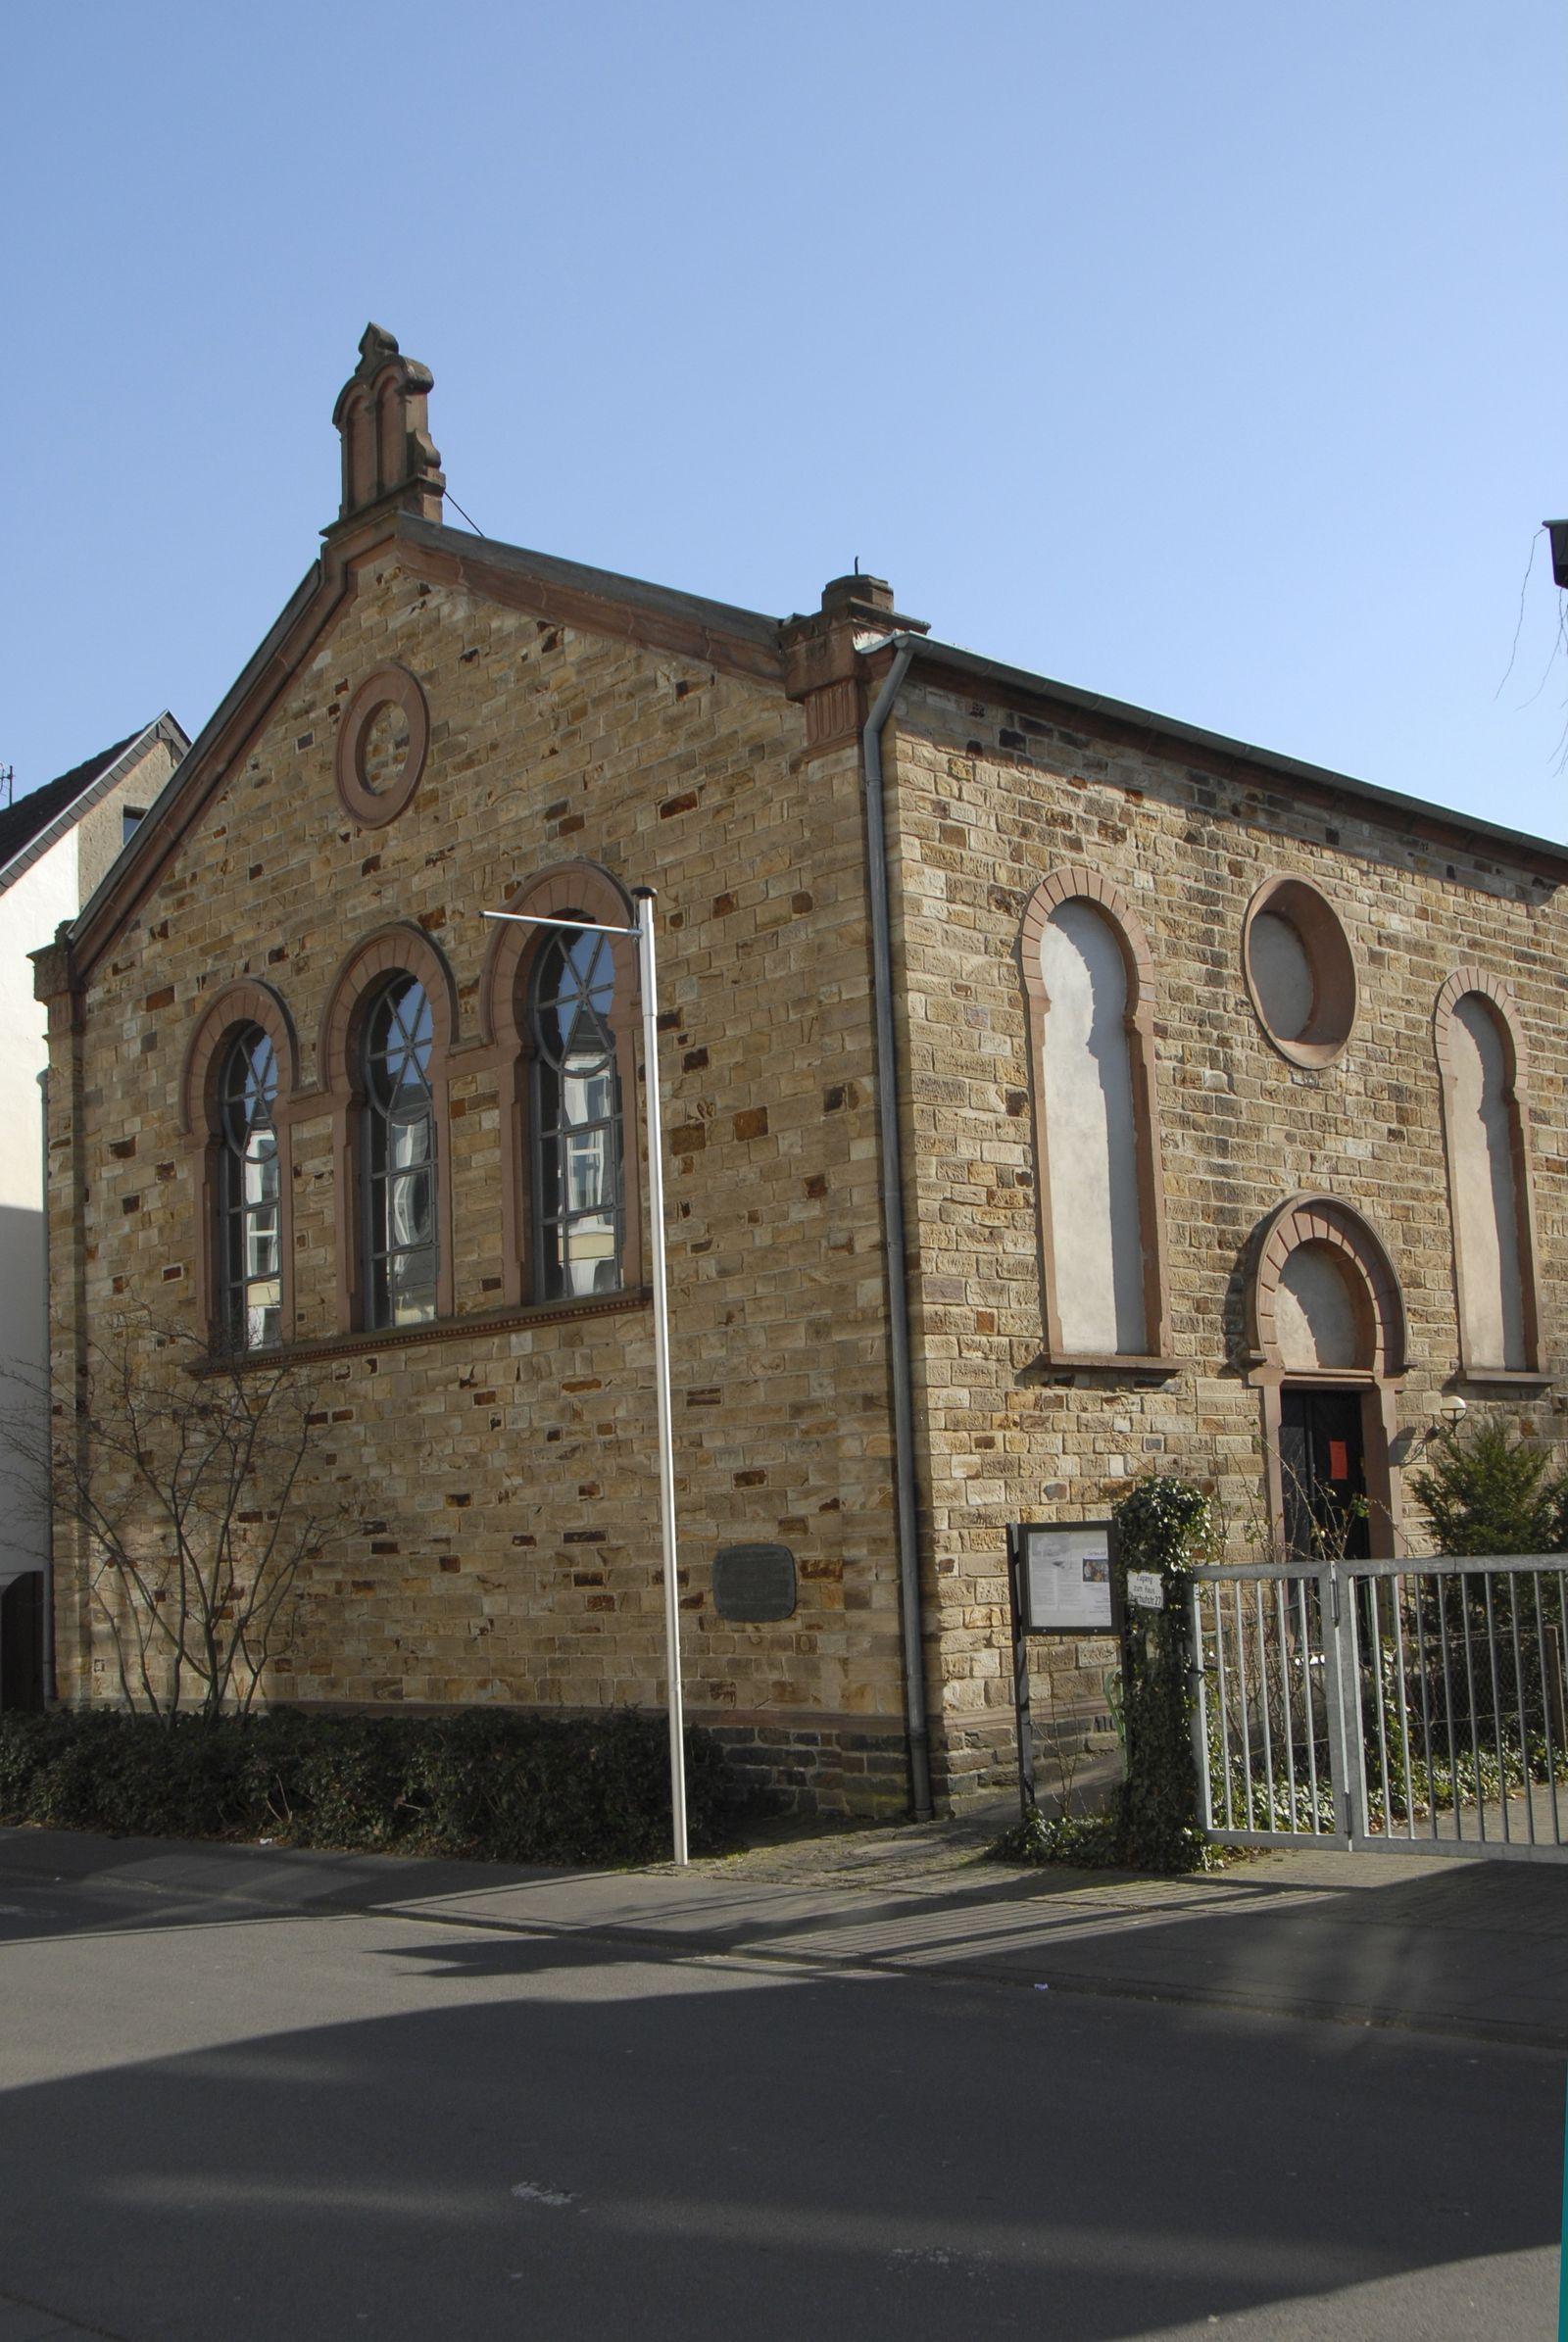 Ahrweiler: ehemalige, im maurischen Stil errichtete Synagoge (1894 eingeweiht, 1938 geschaendet, heute fuer kulturelle Zwecke genutzt)